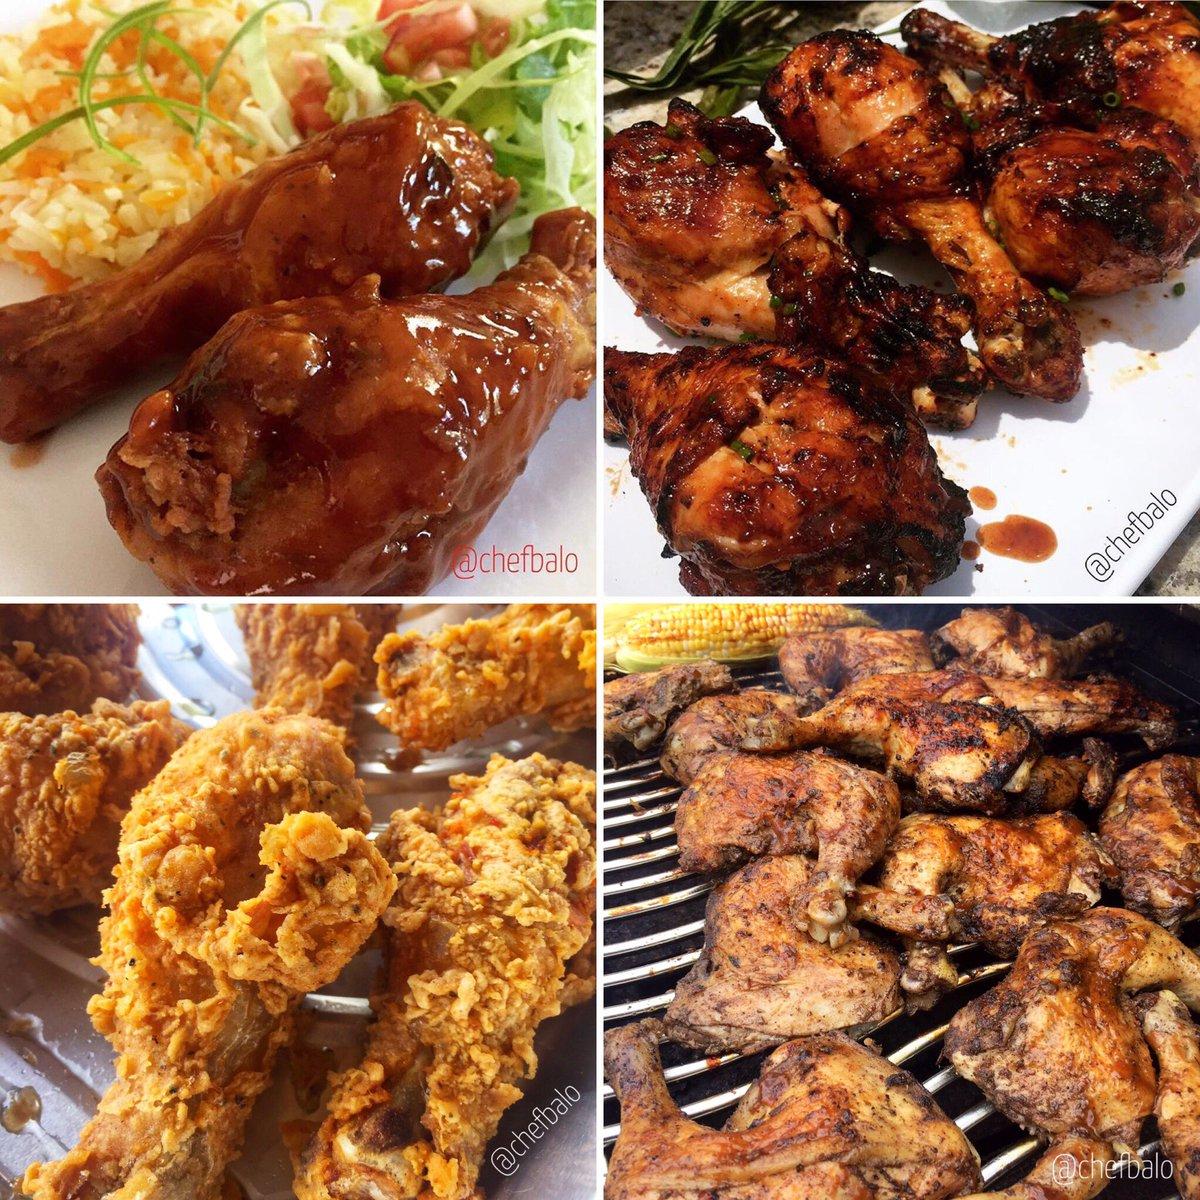 Chef balo chefbalo twitter homemade recipes jerkchicken foodnetwork yummypicitteroysshzipk9 forumfinder Gallery